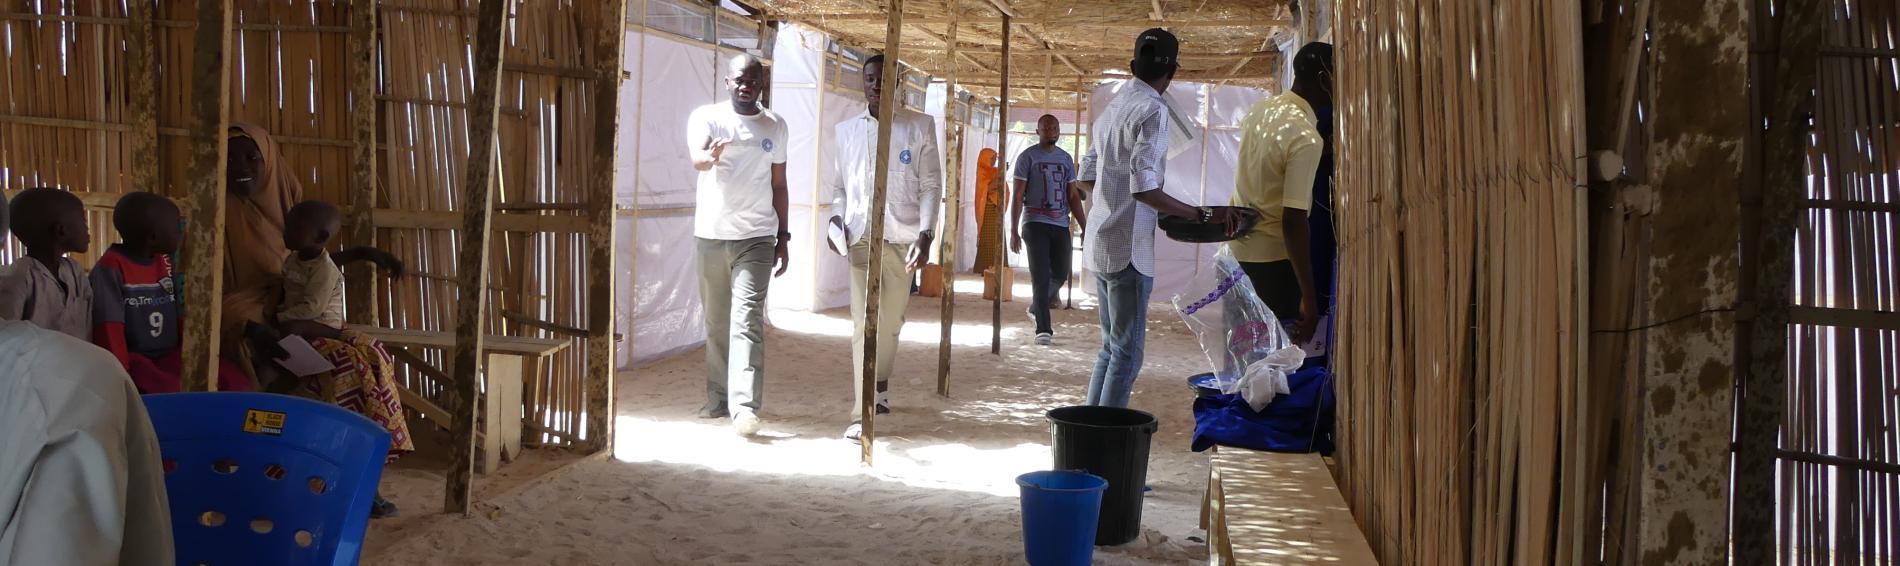 Medizinisches Personal im Nordosten Nigerias. Foto: Ärzte der Welt